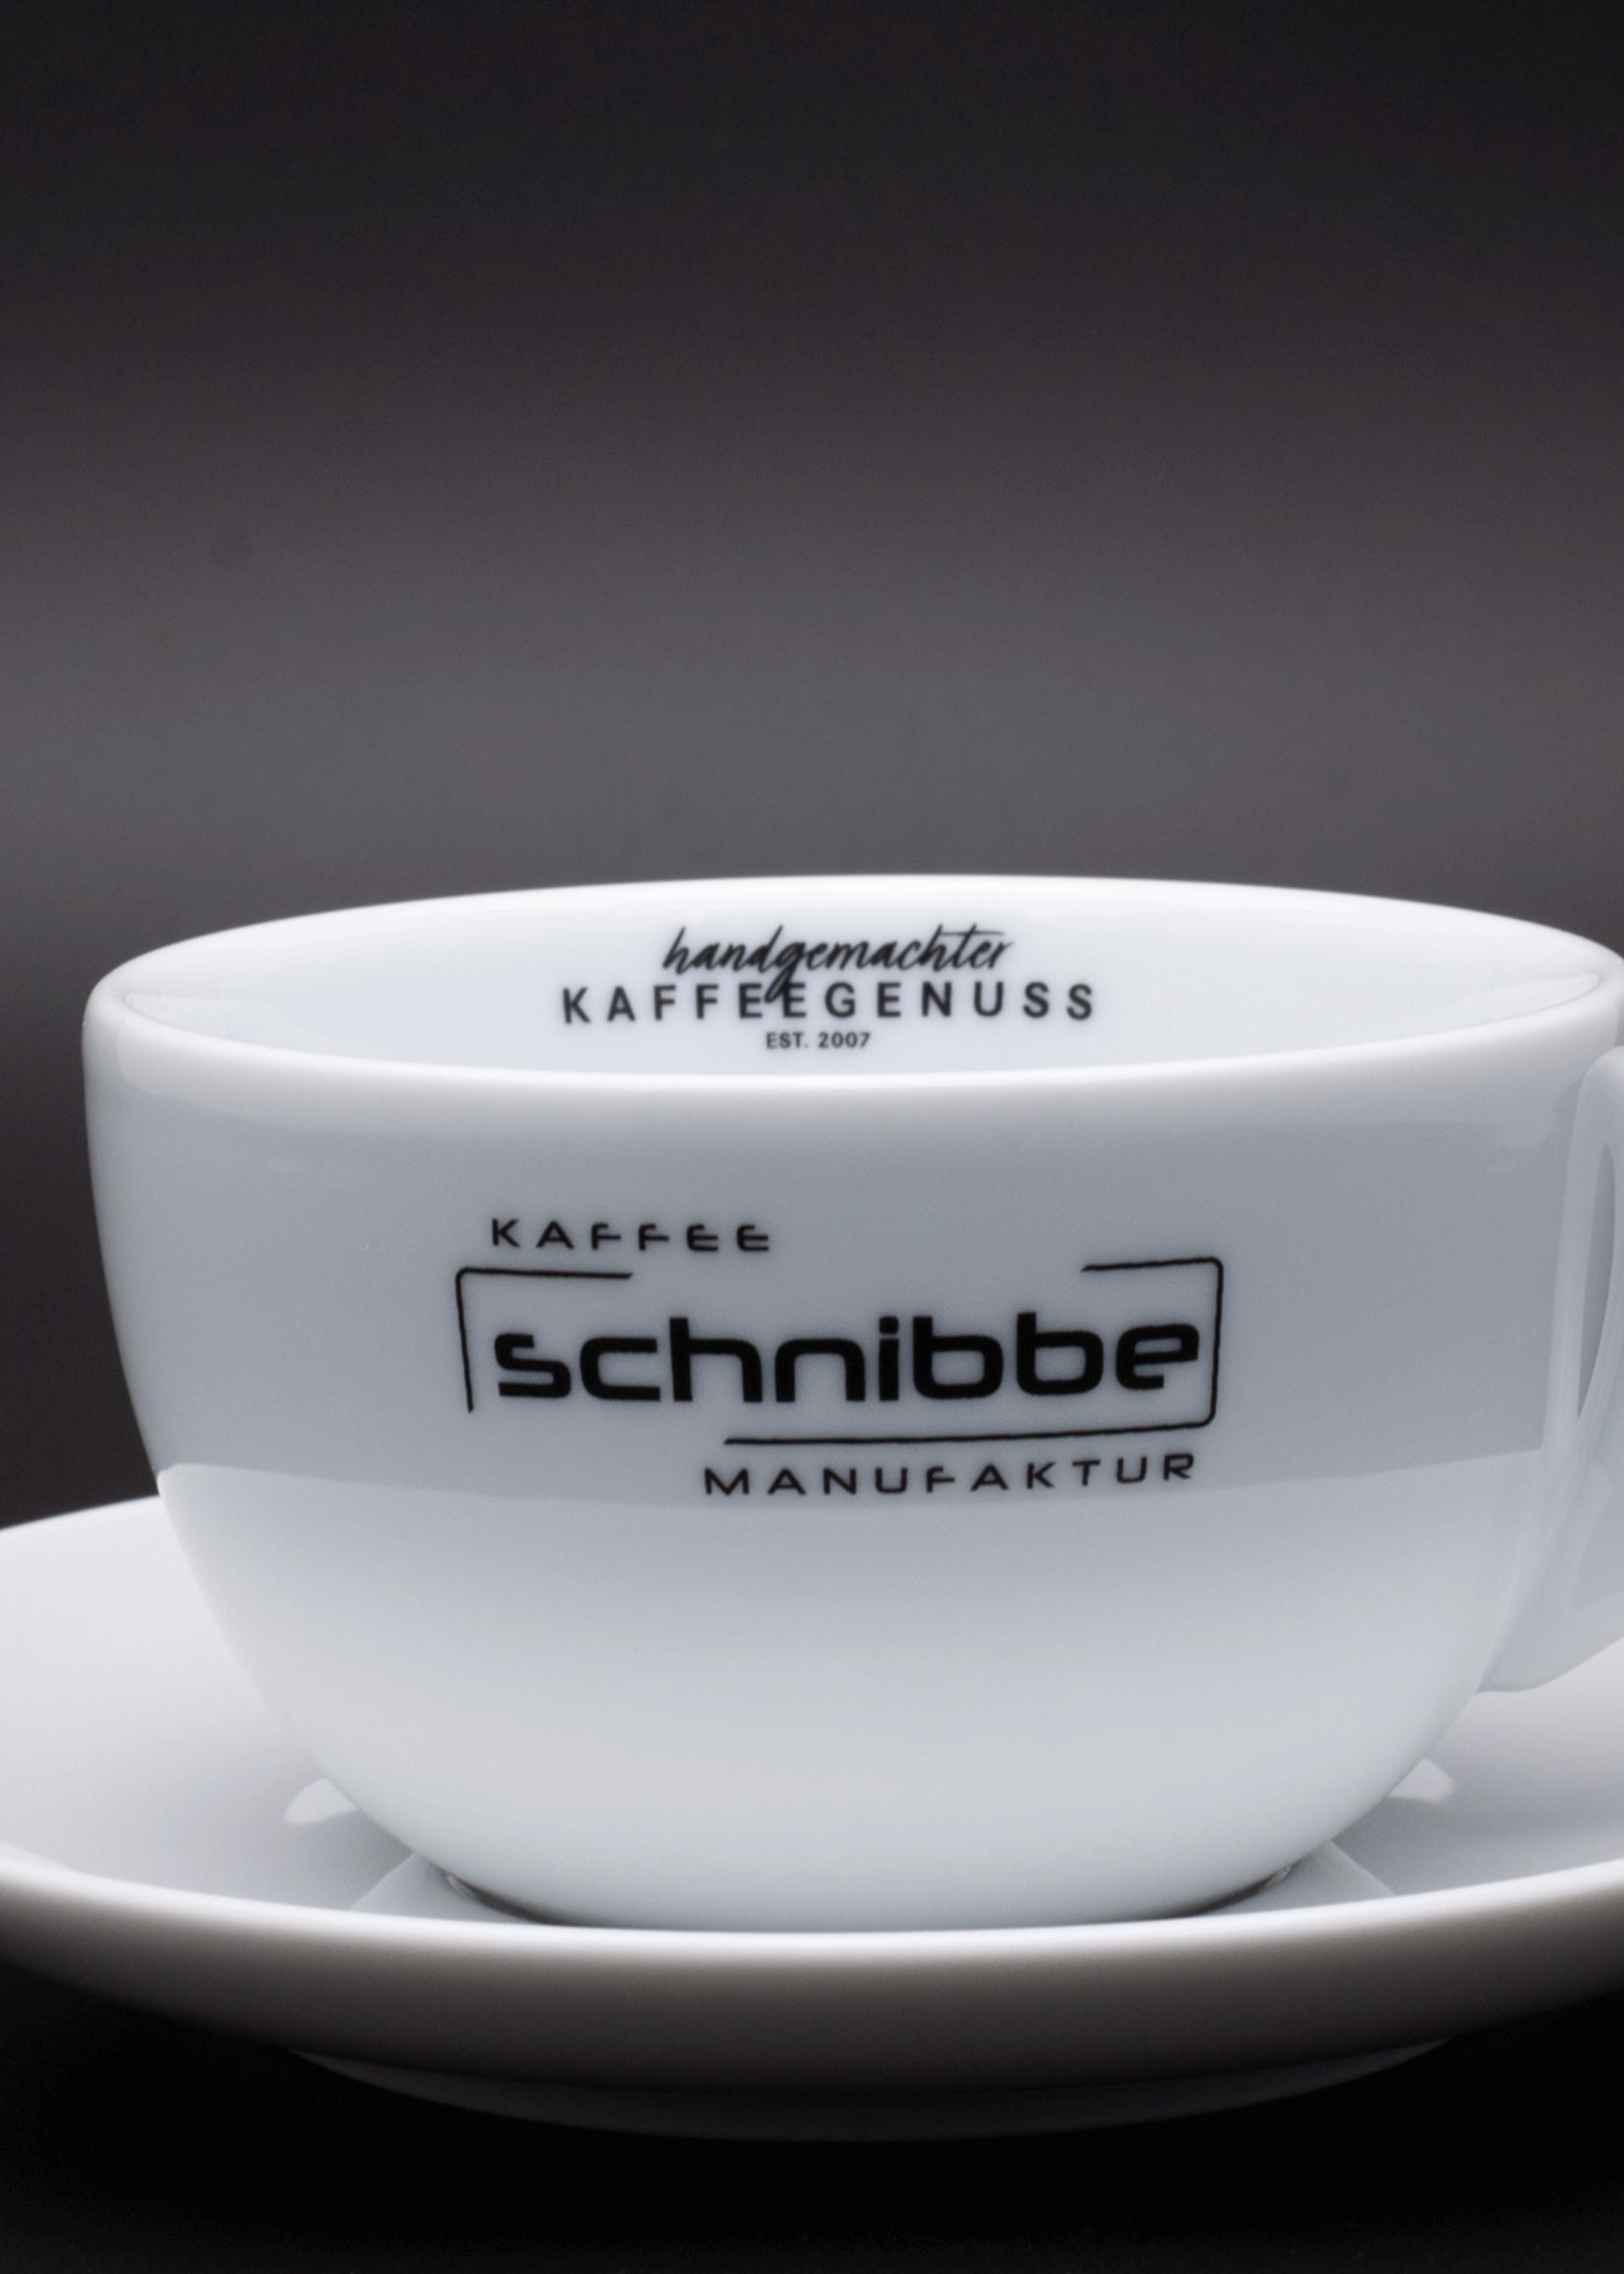 Large milk coffee, Viennese melange